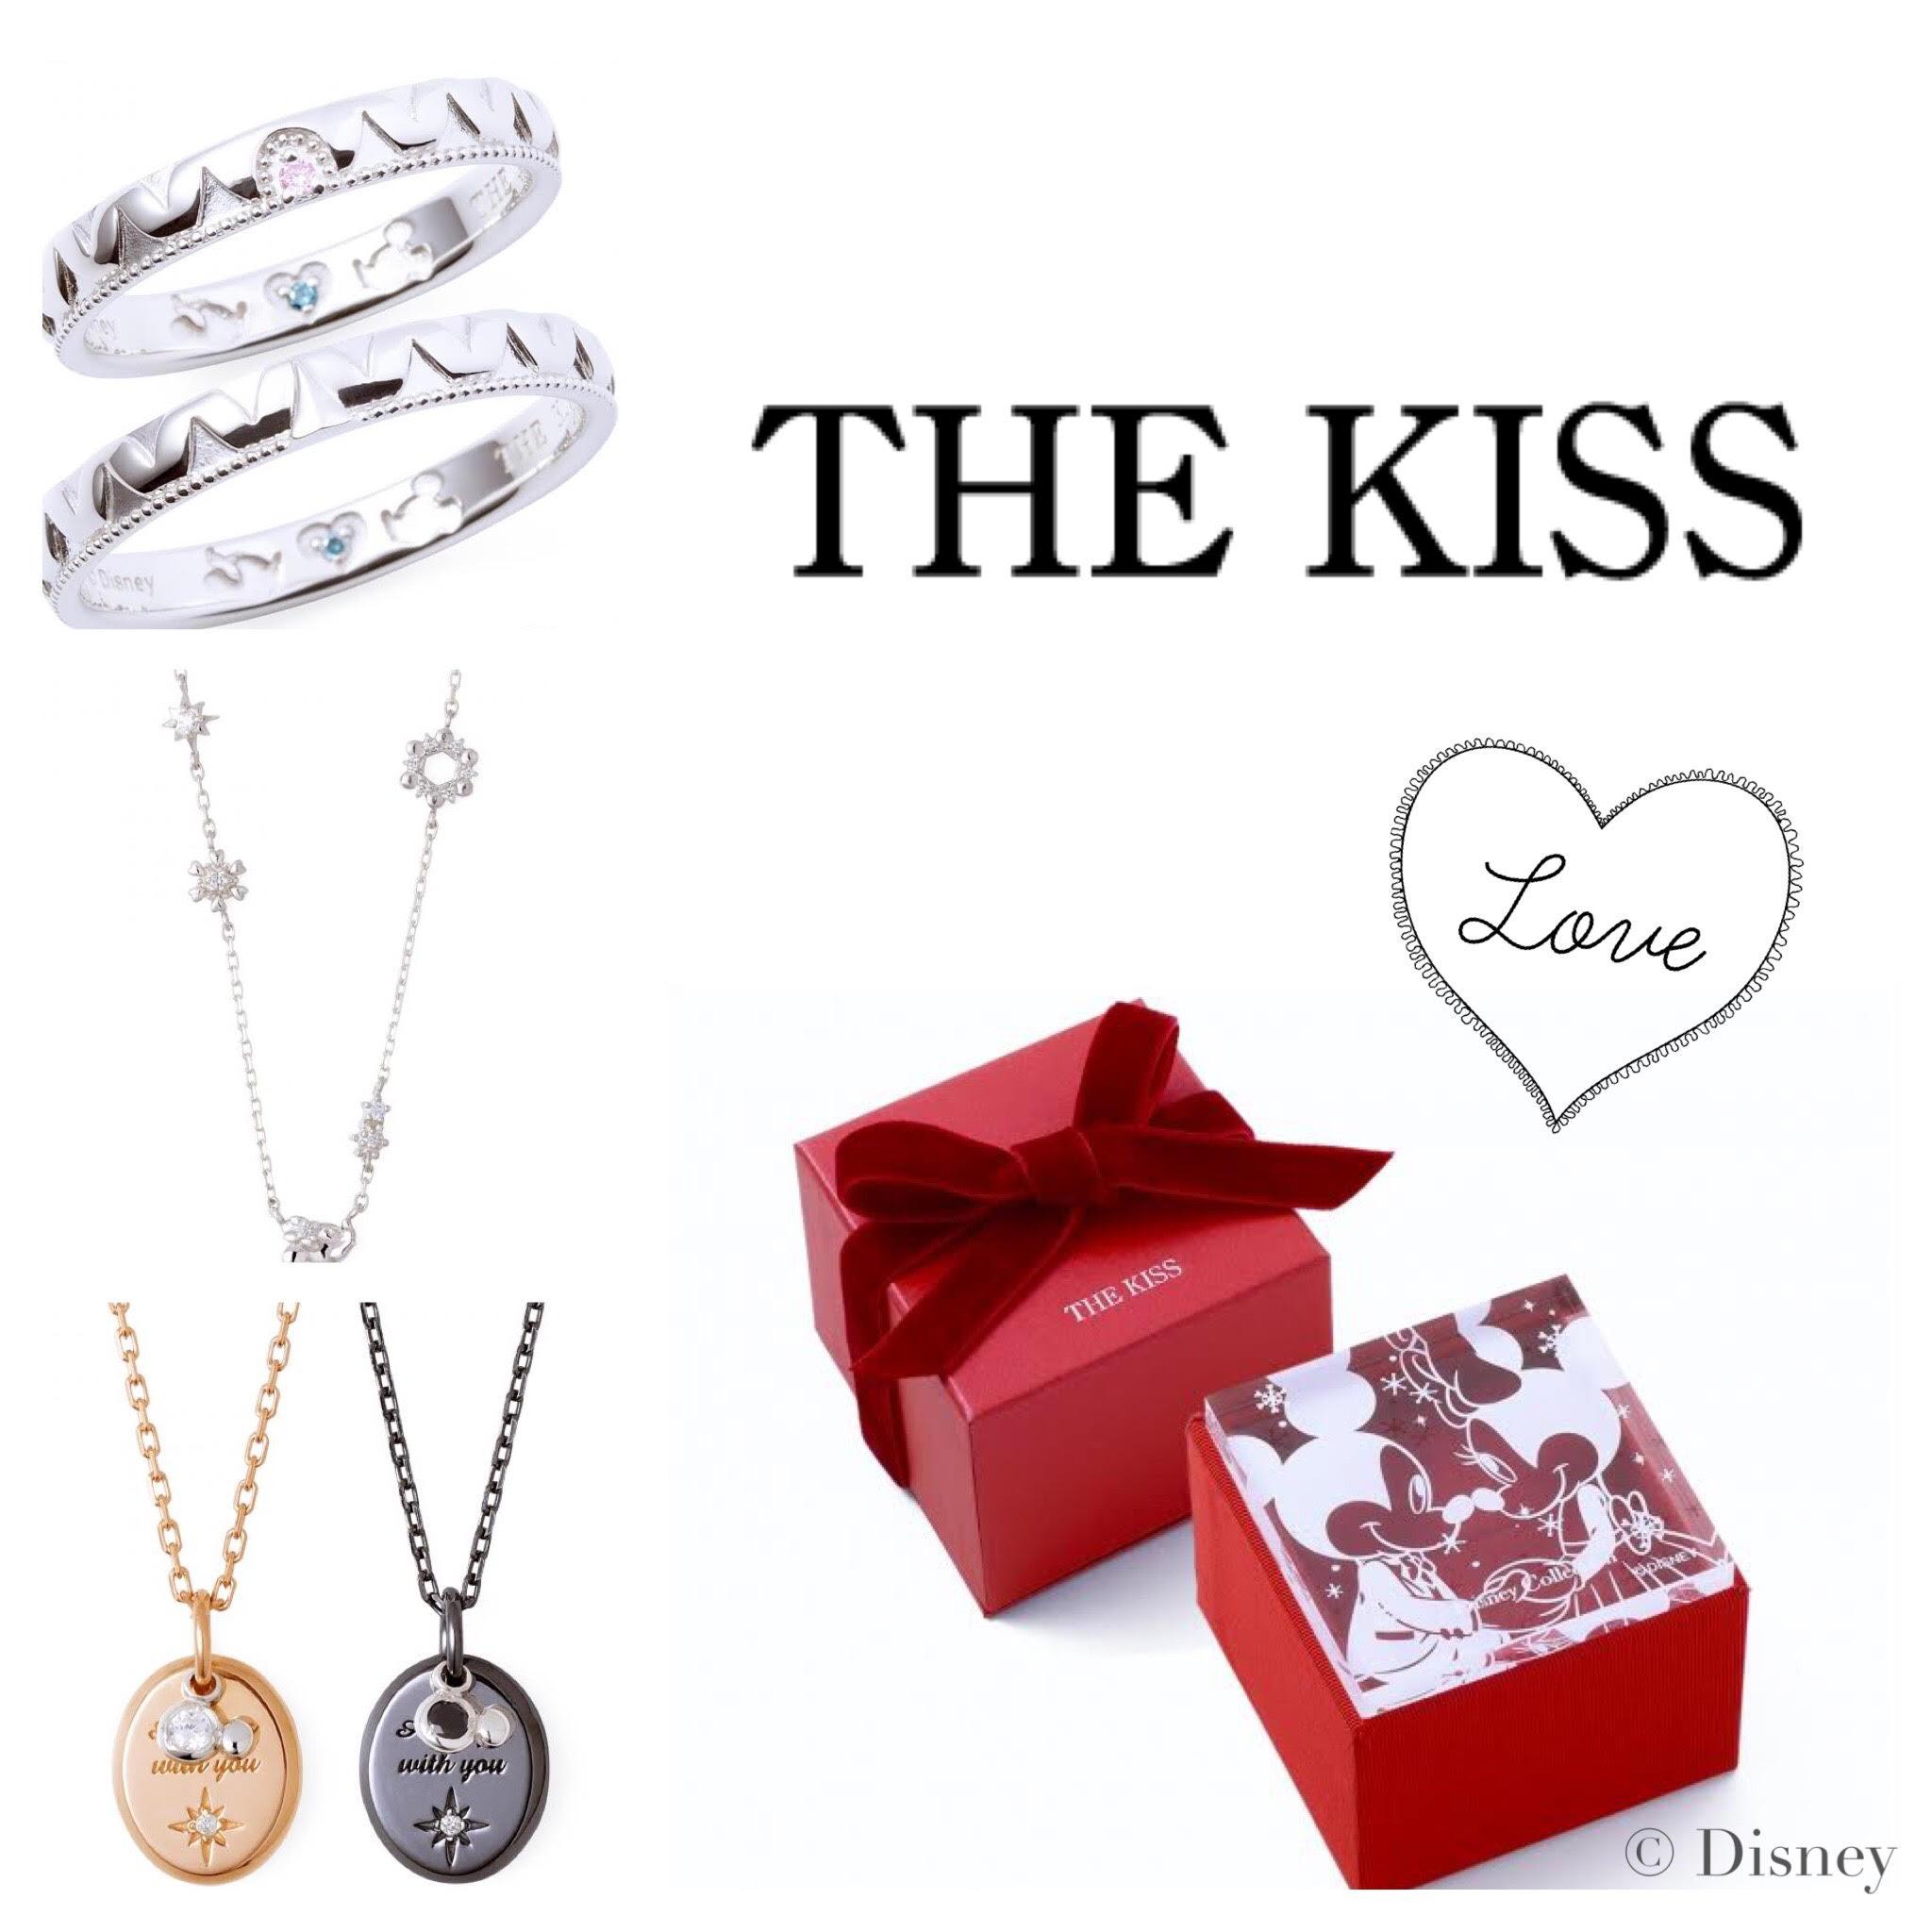 nom de plume(ノンデプルーム) ペアジュエリーブランド「the kiss